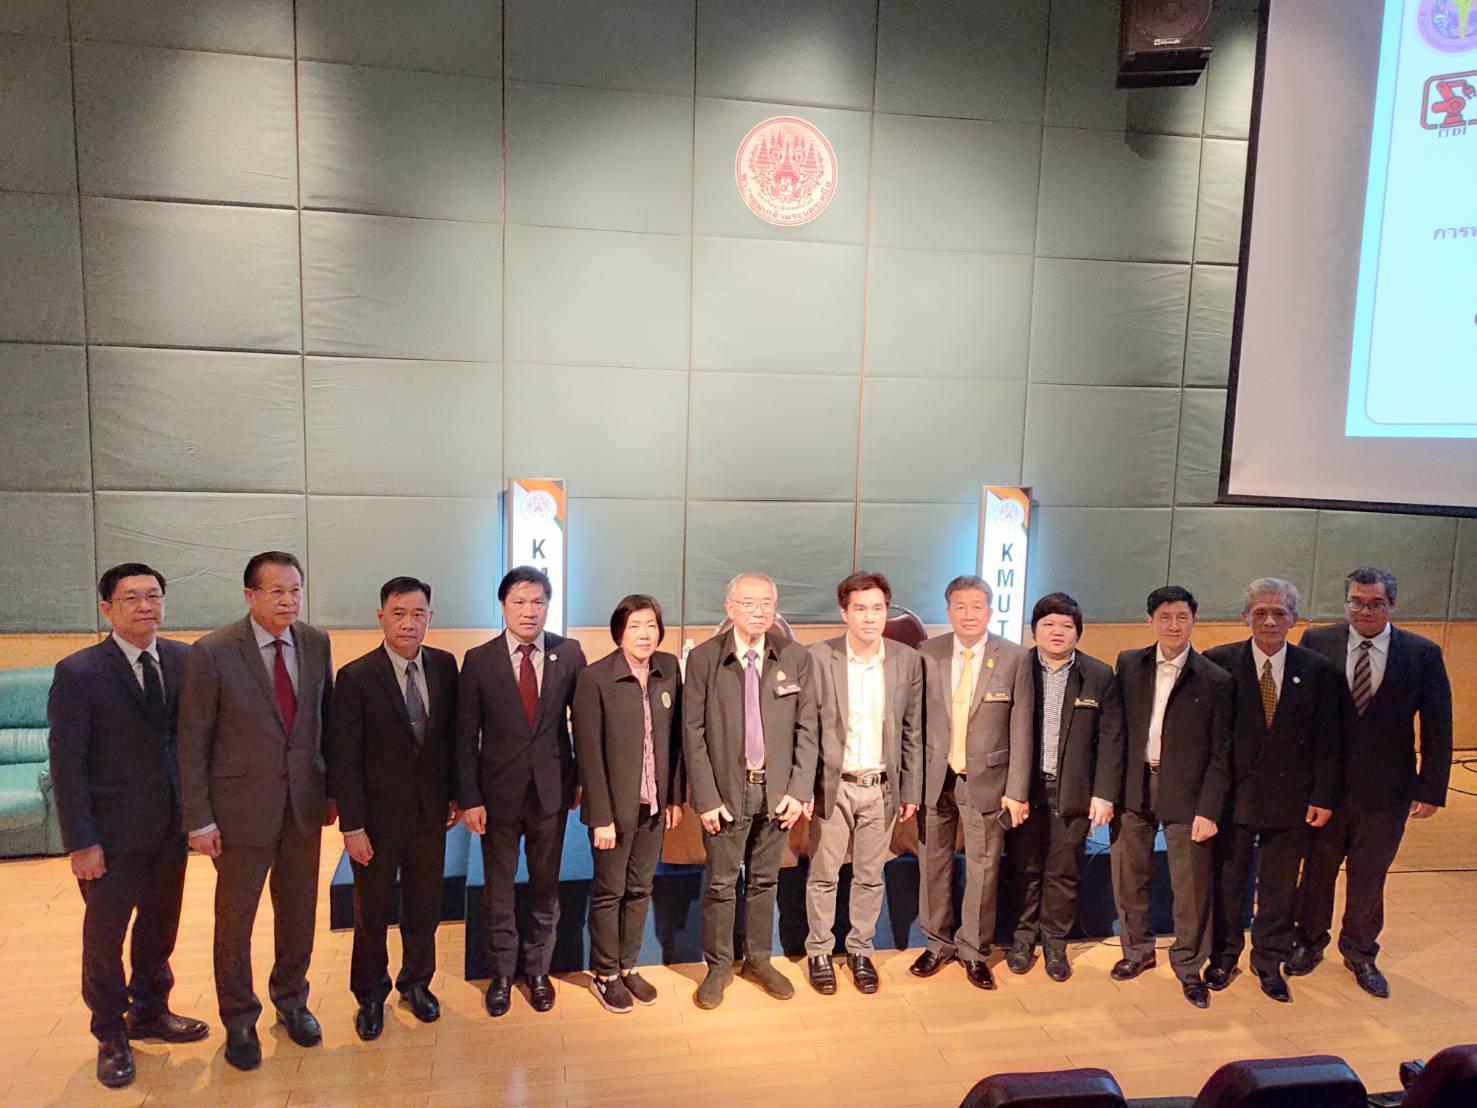 มจพ.เน้นผลิตบัณฑิตวิศวะซ่อมบำรุงอากาศยาน ขานรับอุตสาหกรรมไทยแลนด์4.0